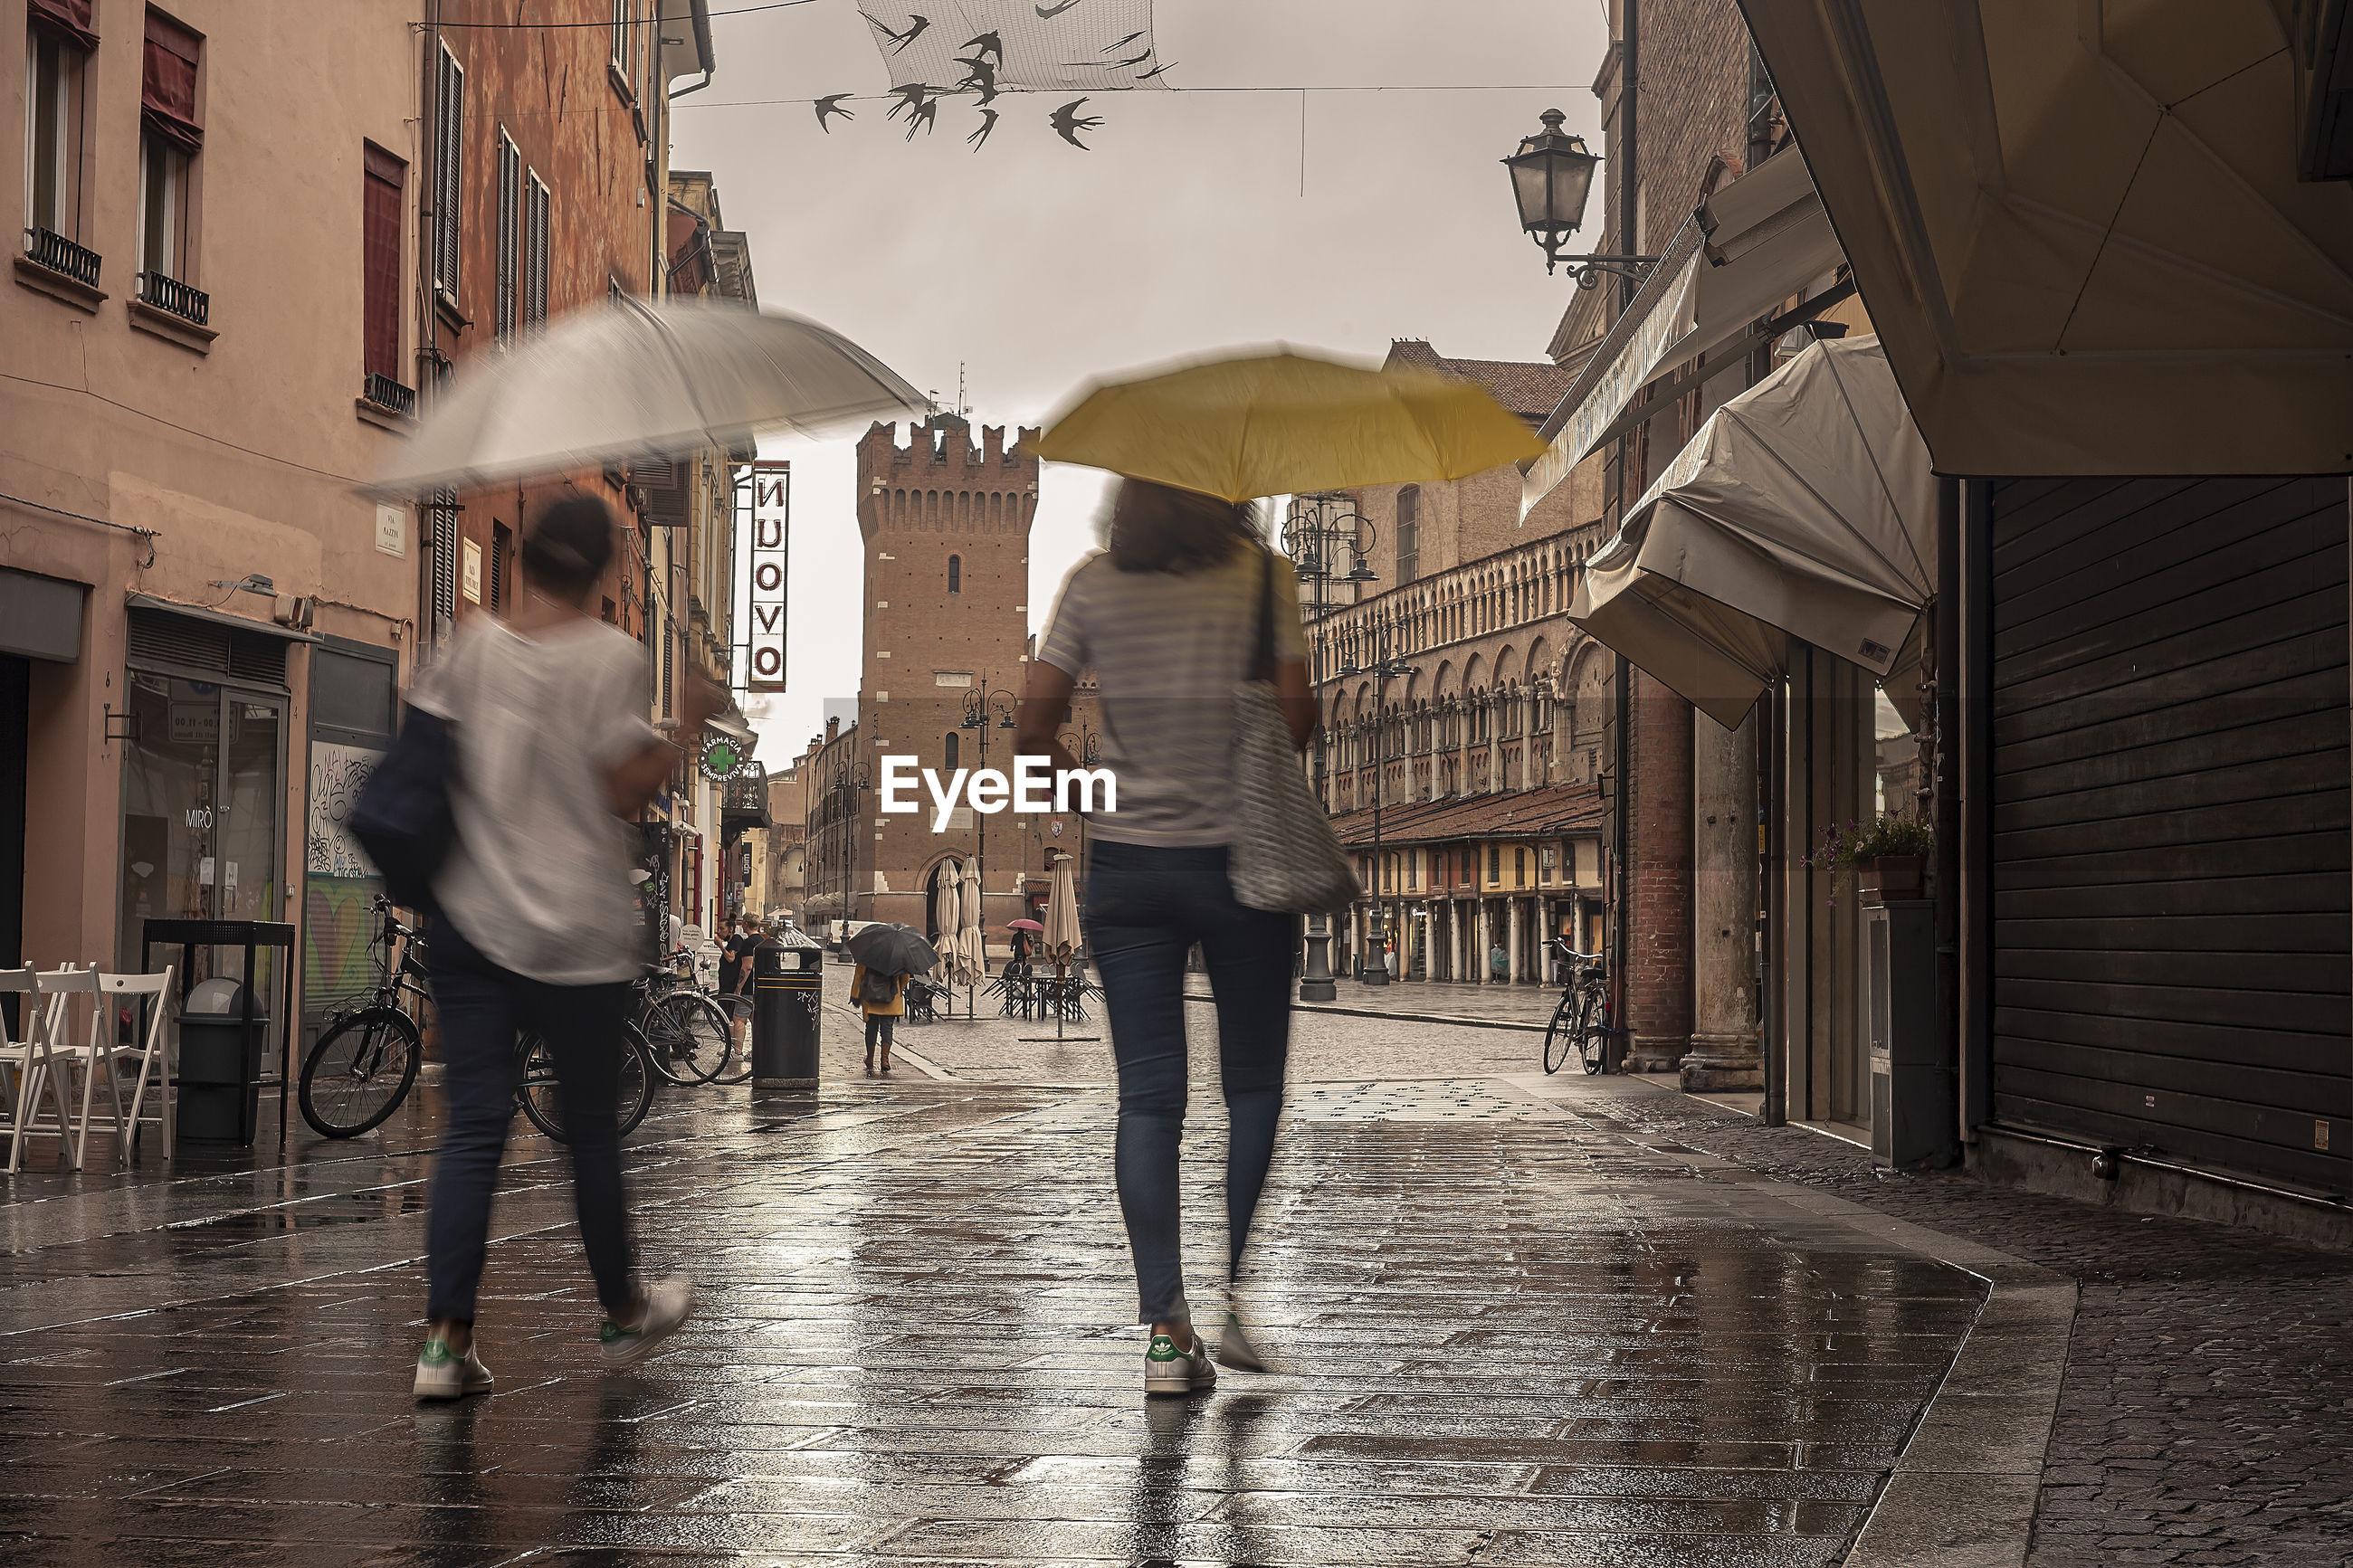 REAR VIEW OF PEOPLE WALKING ON WET STREET IN RAINY SEASON